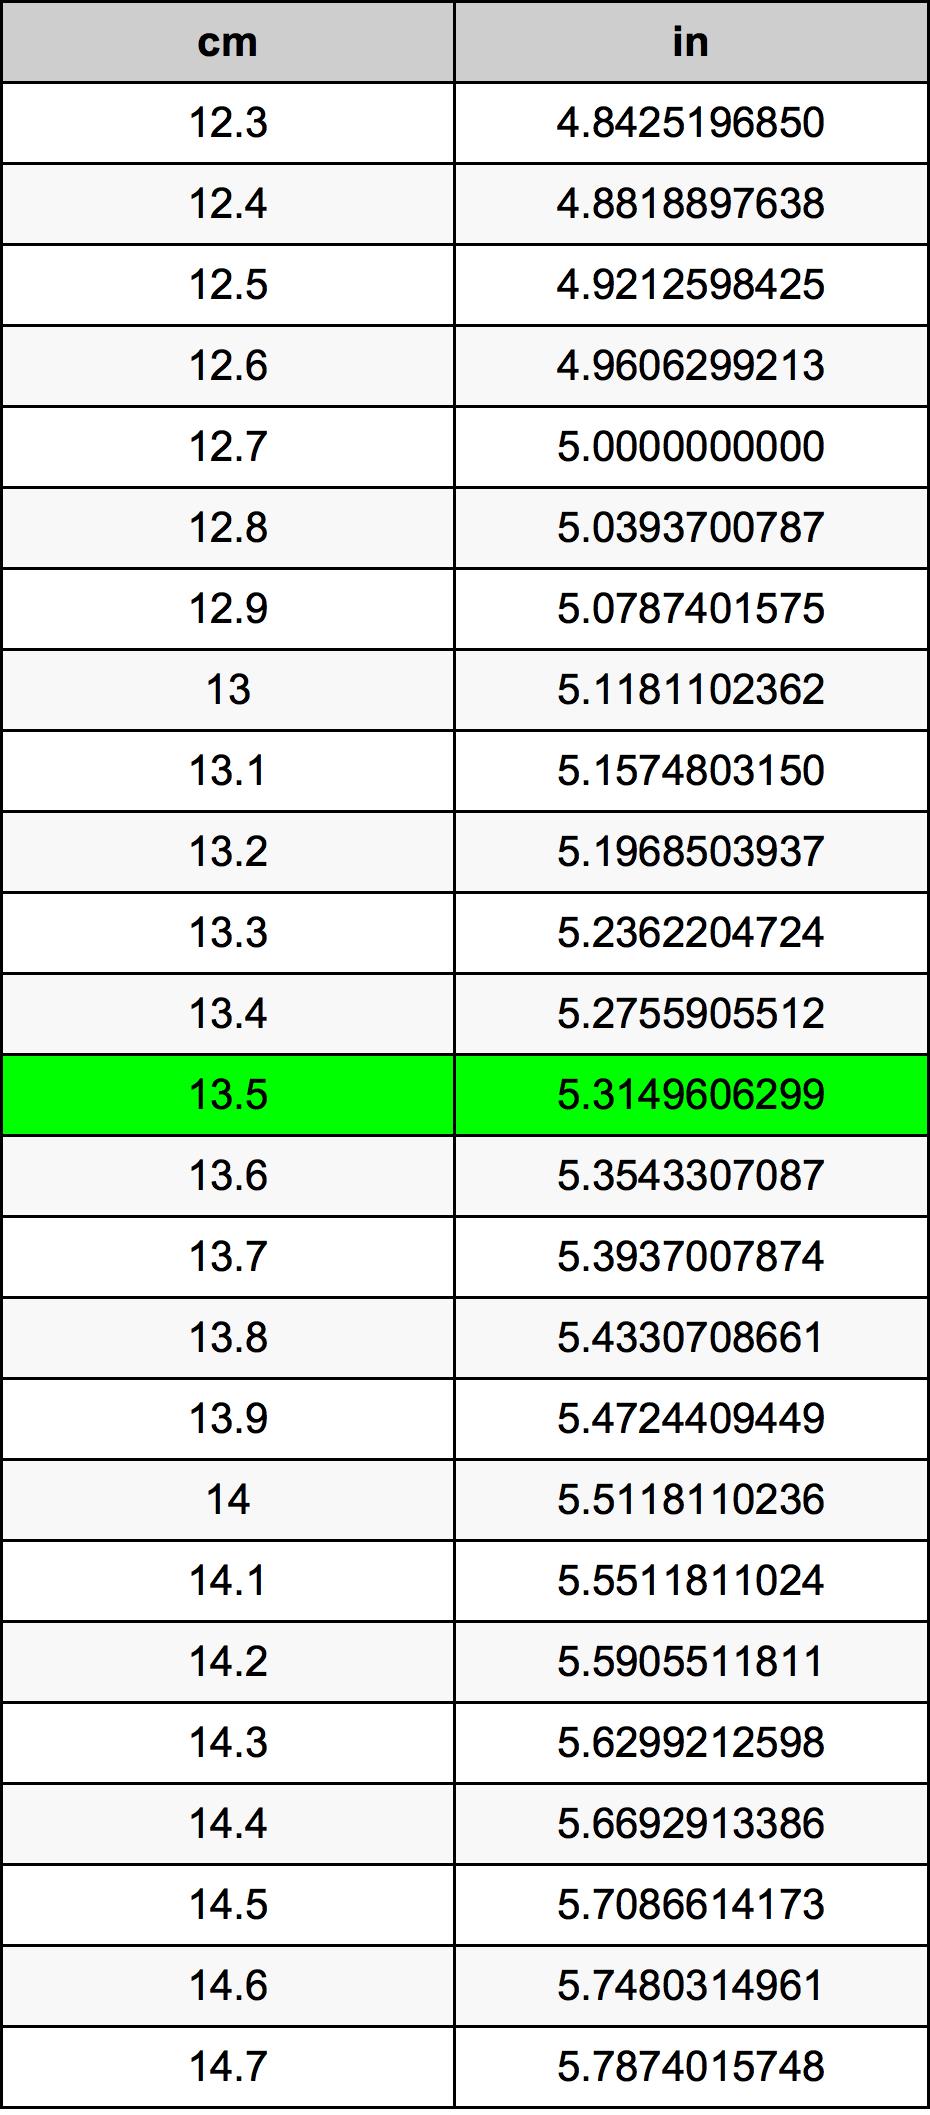 13.5センチメートル換算表